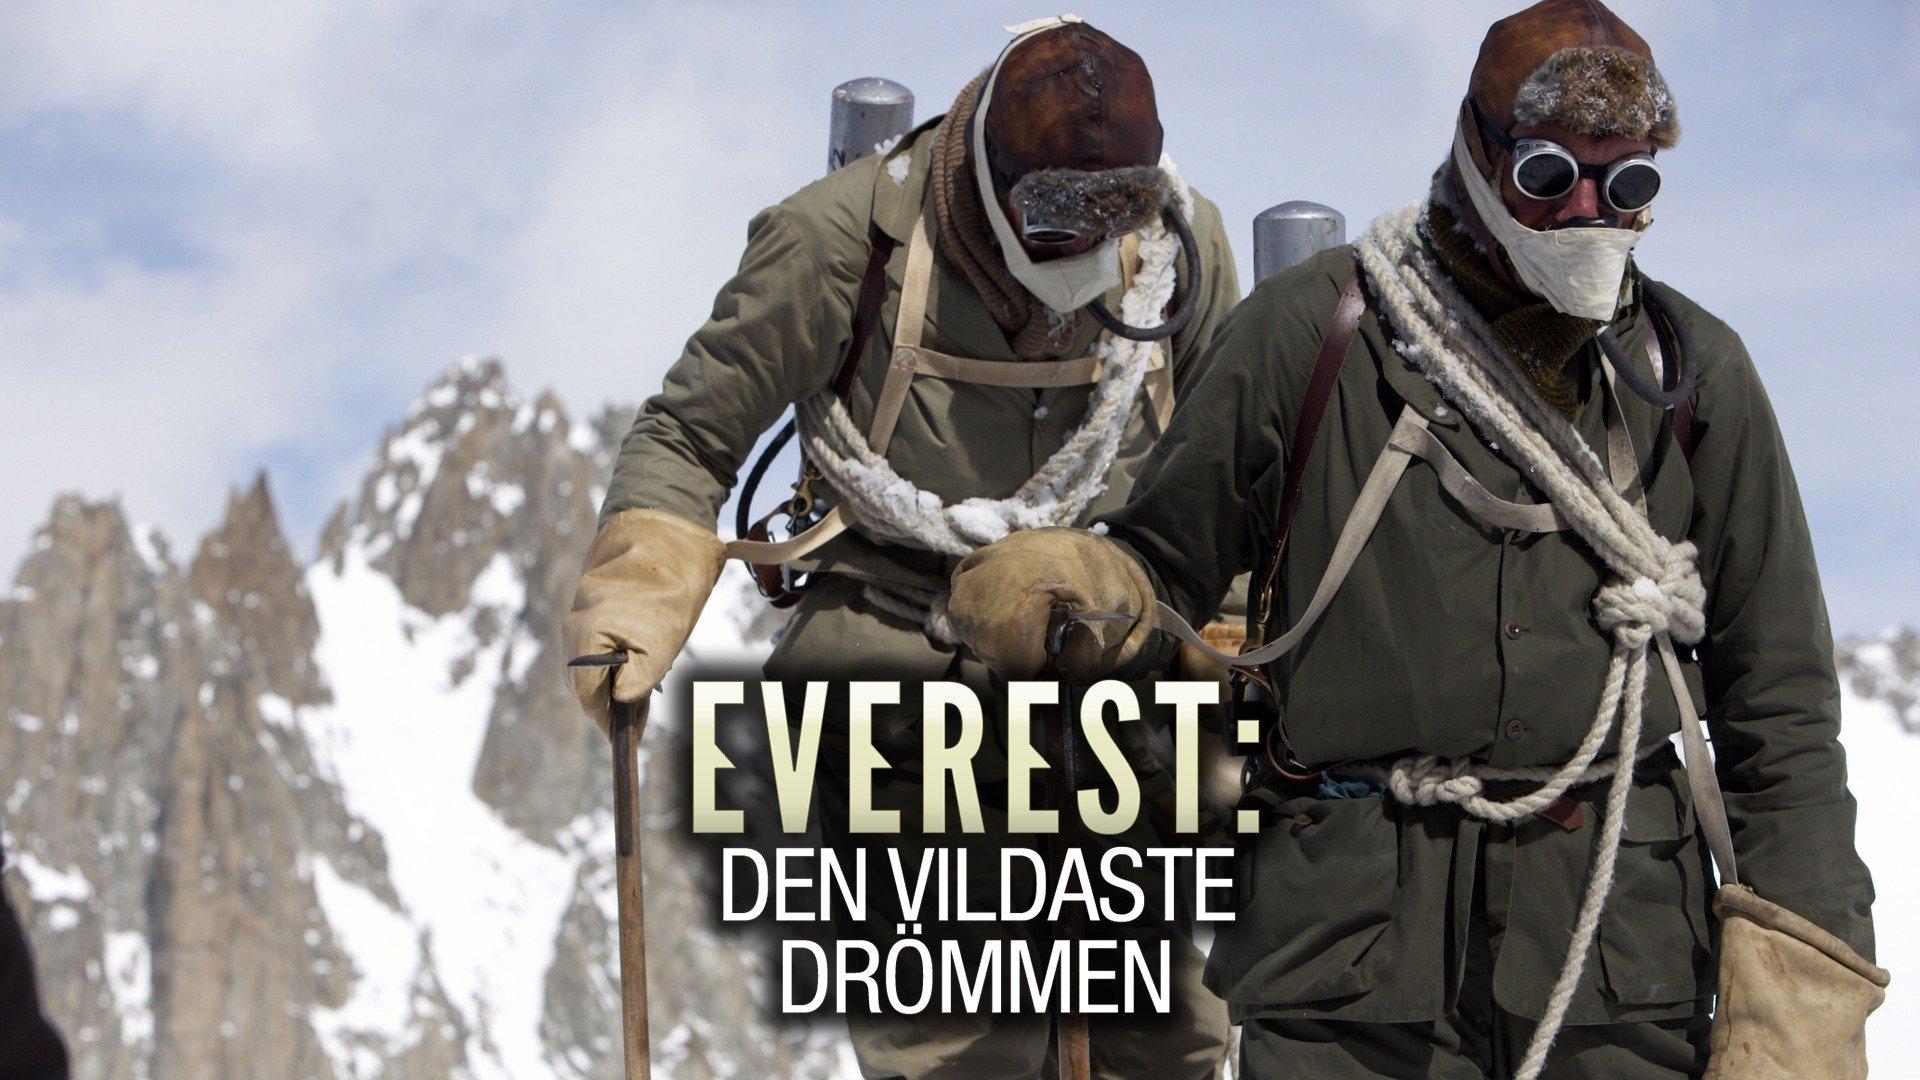 Everest: den vildaste drömmen